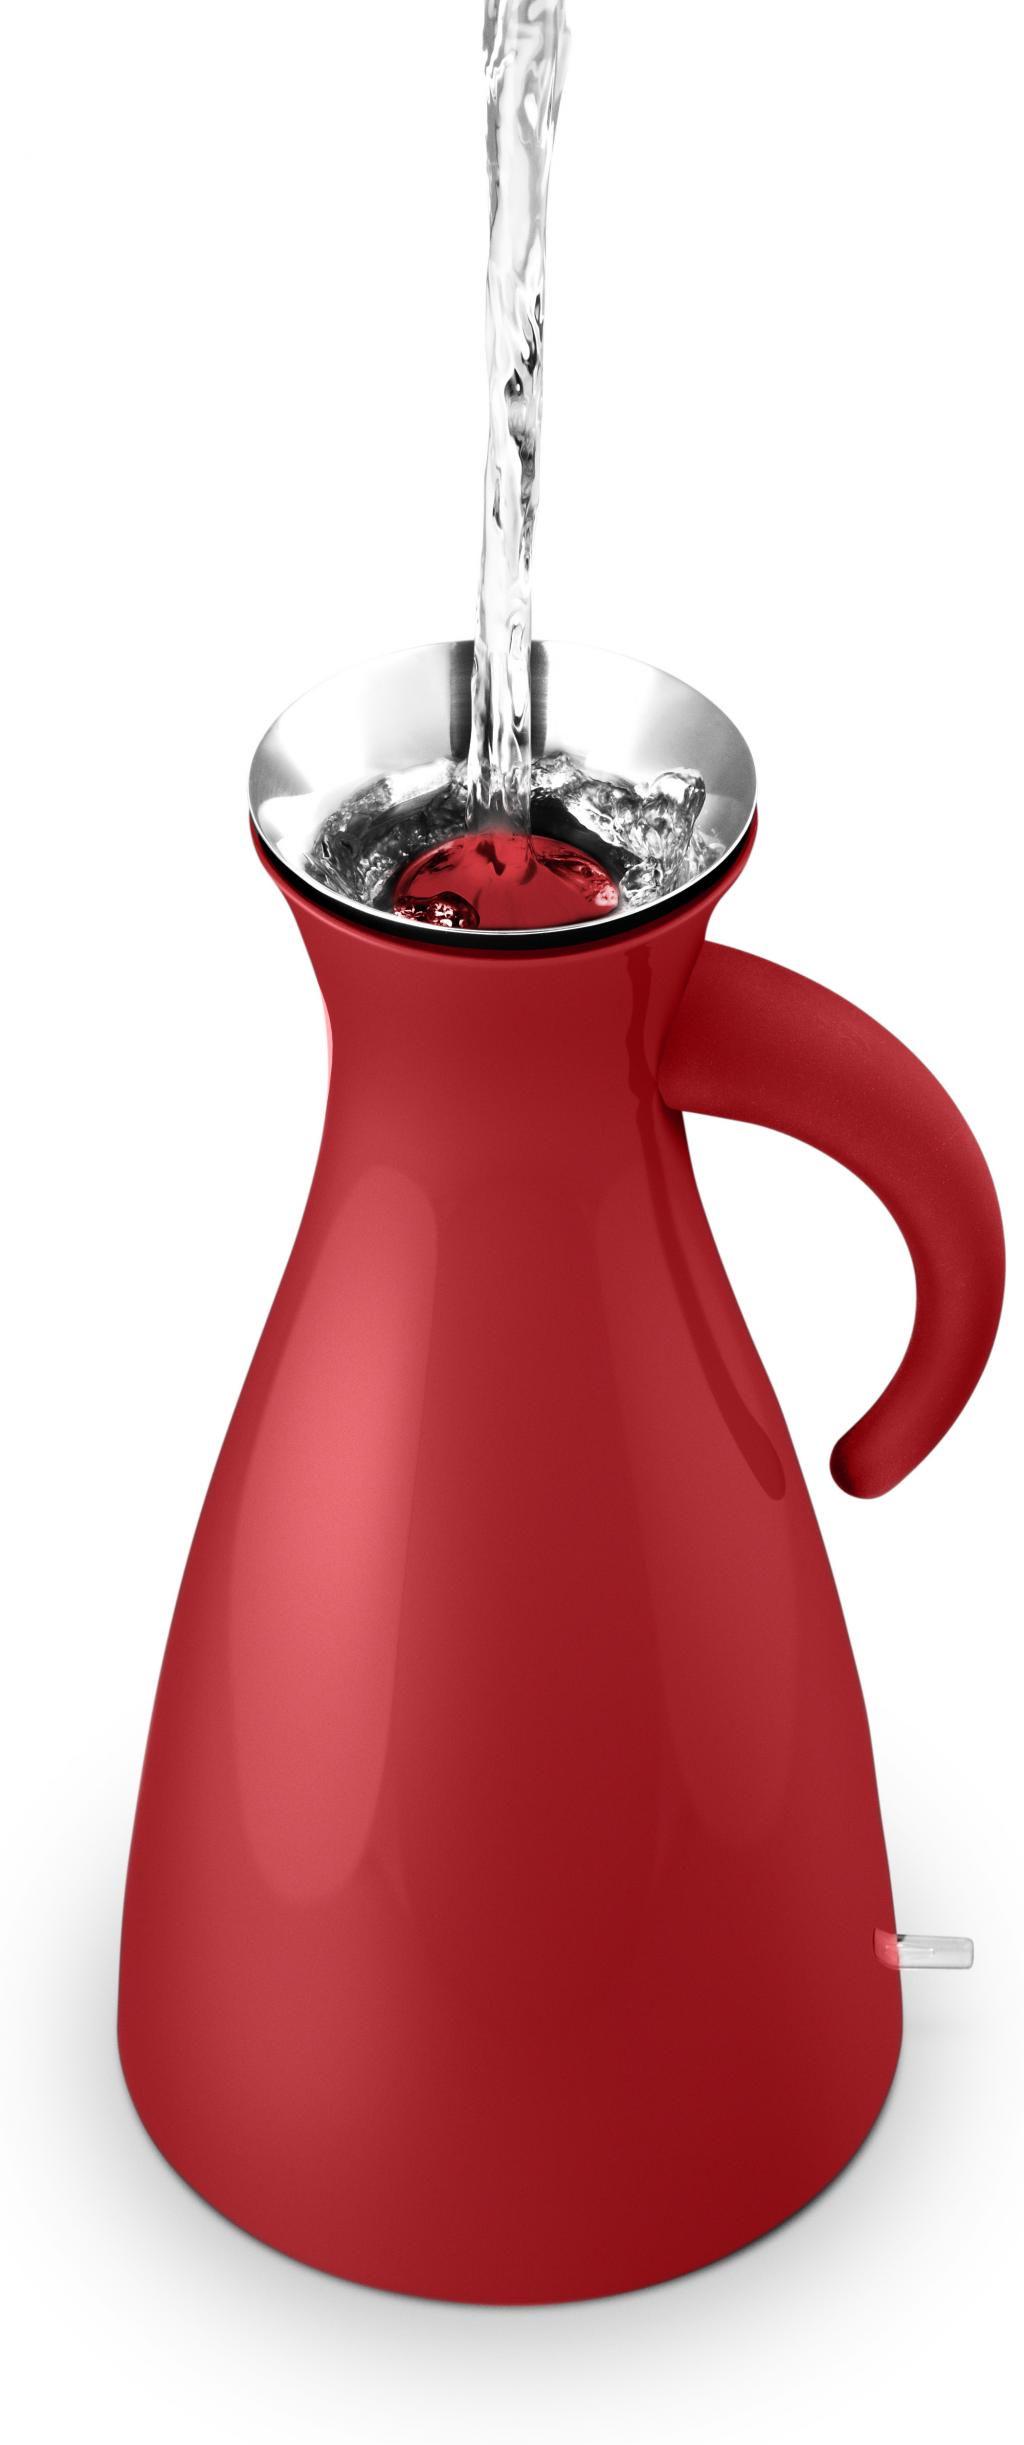 wasserkocher electric kettle 1 5 lt rot eva solo kaufen wohn und. Black Bedroom Furniture Sets. Home Design Ideas